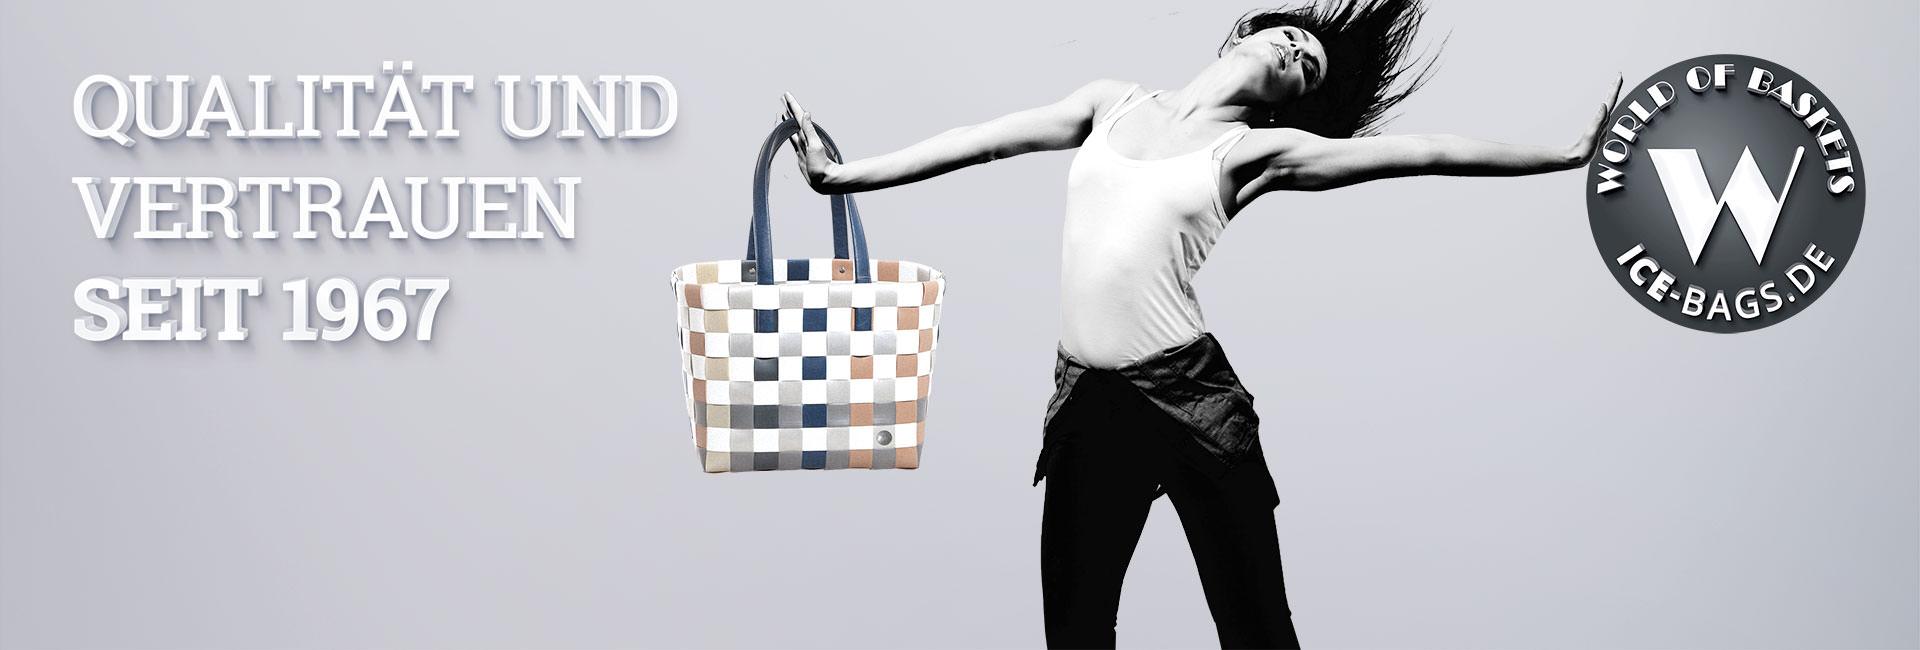 Witzgall Taschen Shopper ICE-BAG Korbwaren Einkaufskorb Einkaufstasche Markenshop